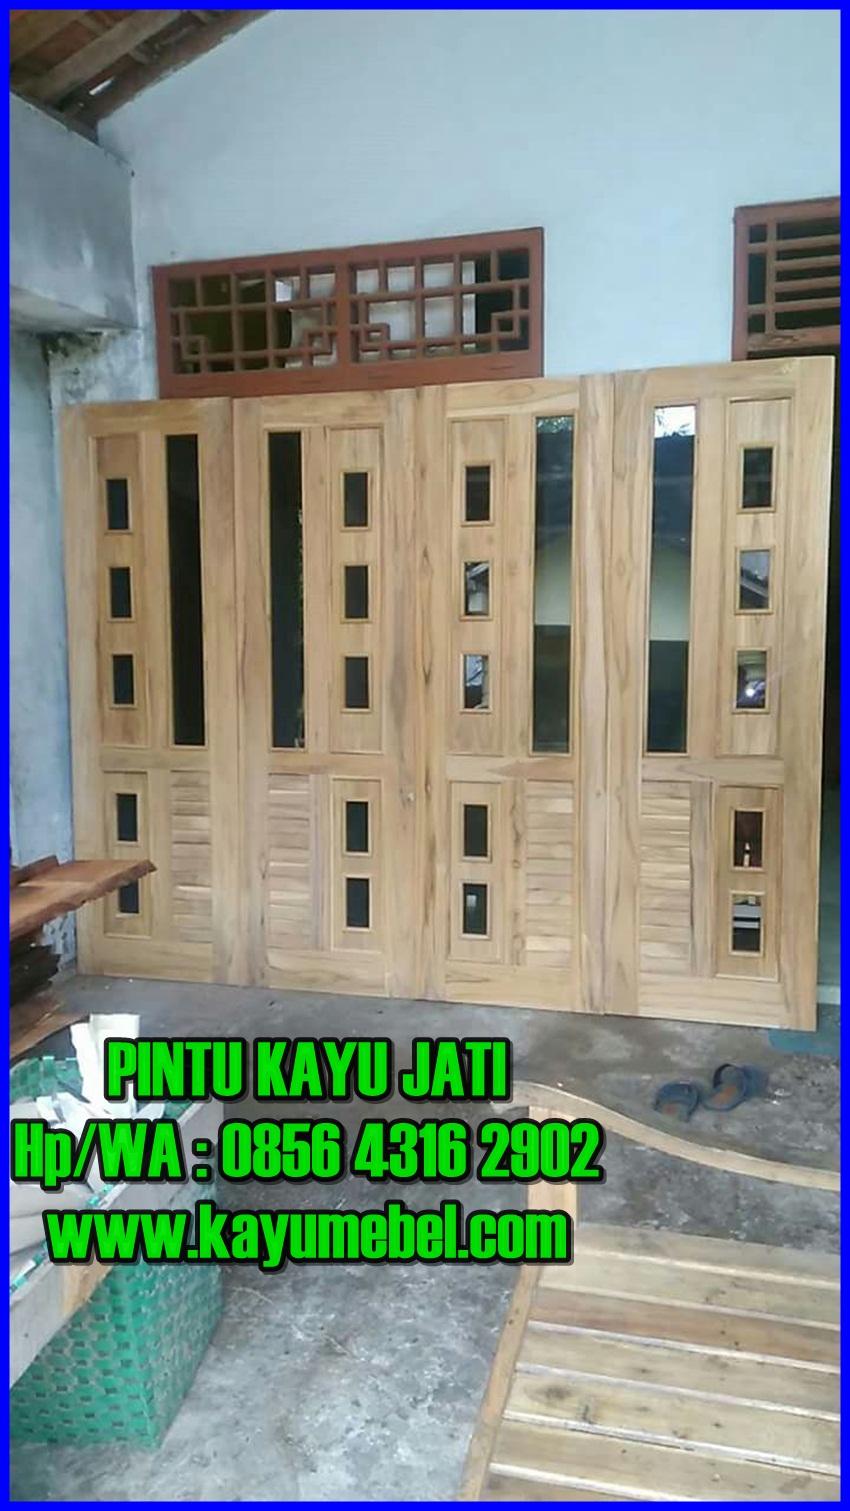 pintu rumah kayu jati,harga pintu kupu tarung kayu jati